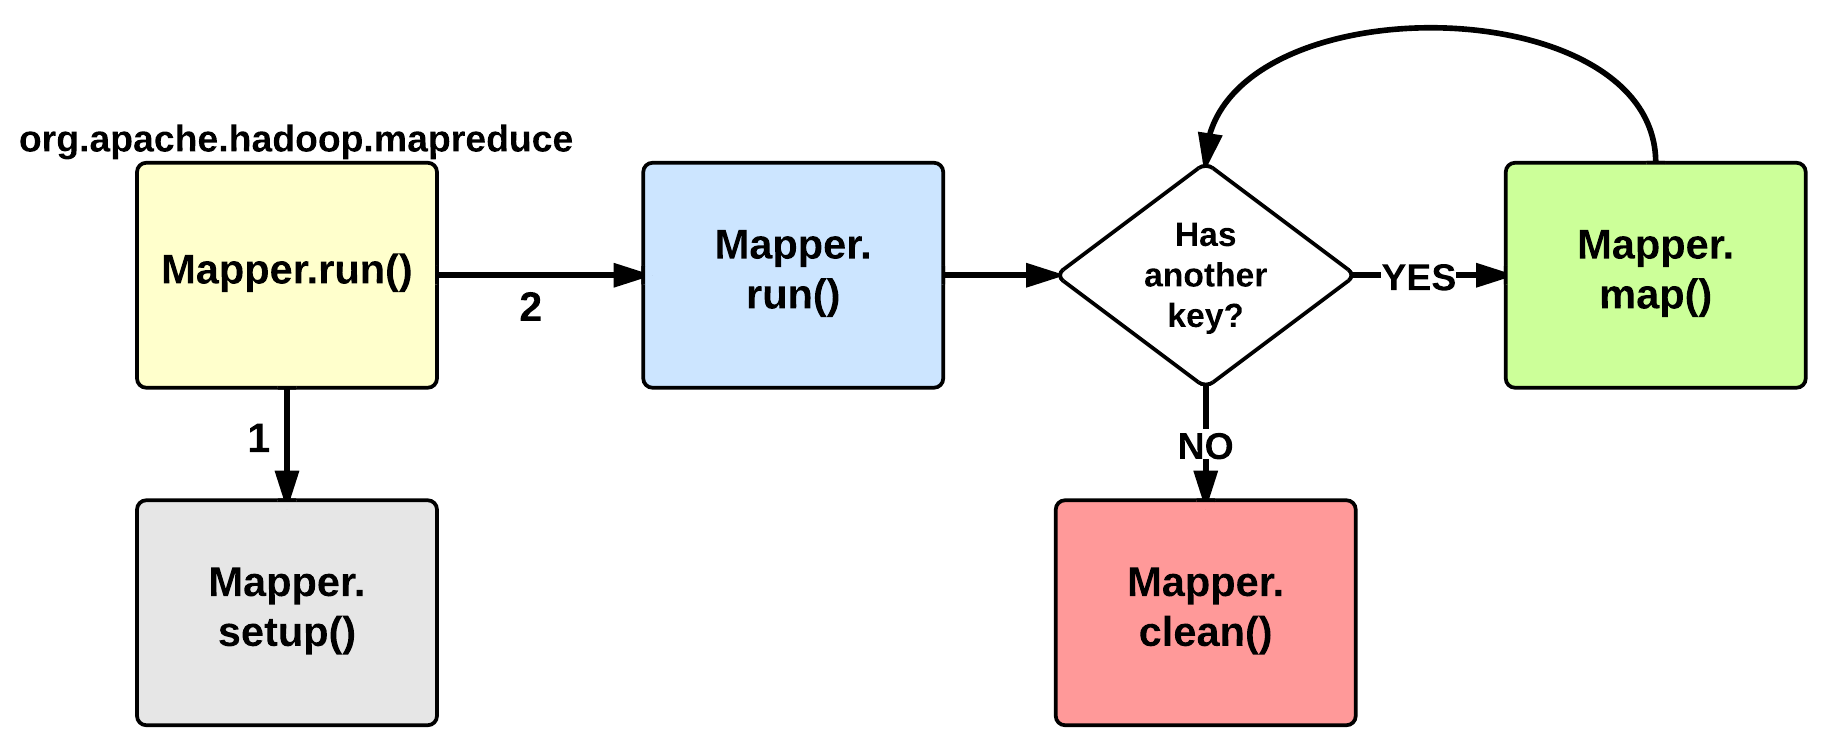 MapTask execution